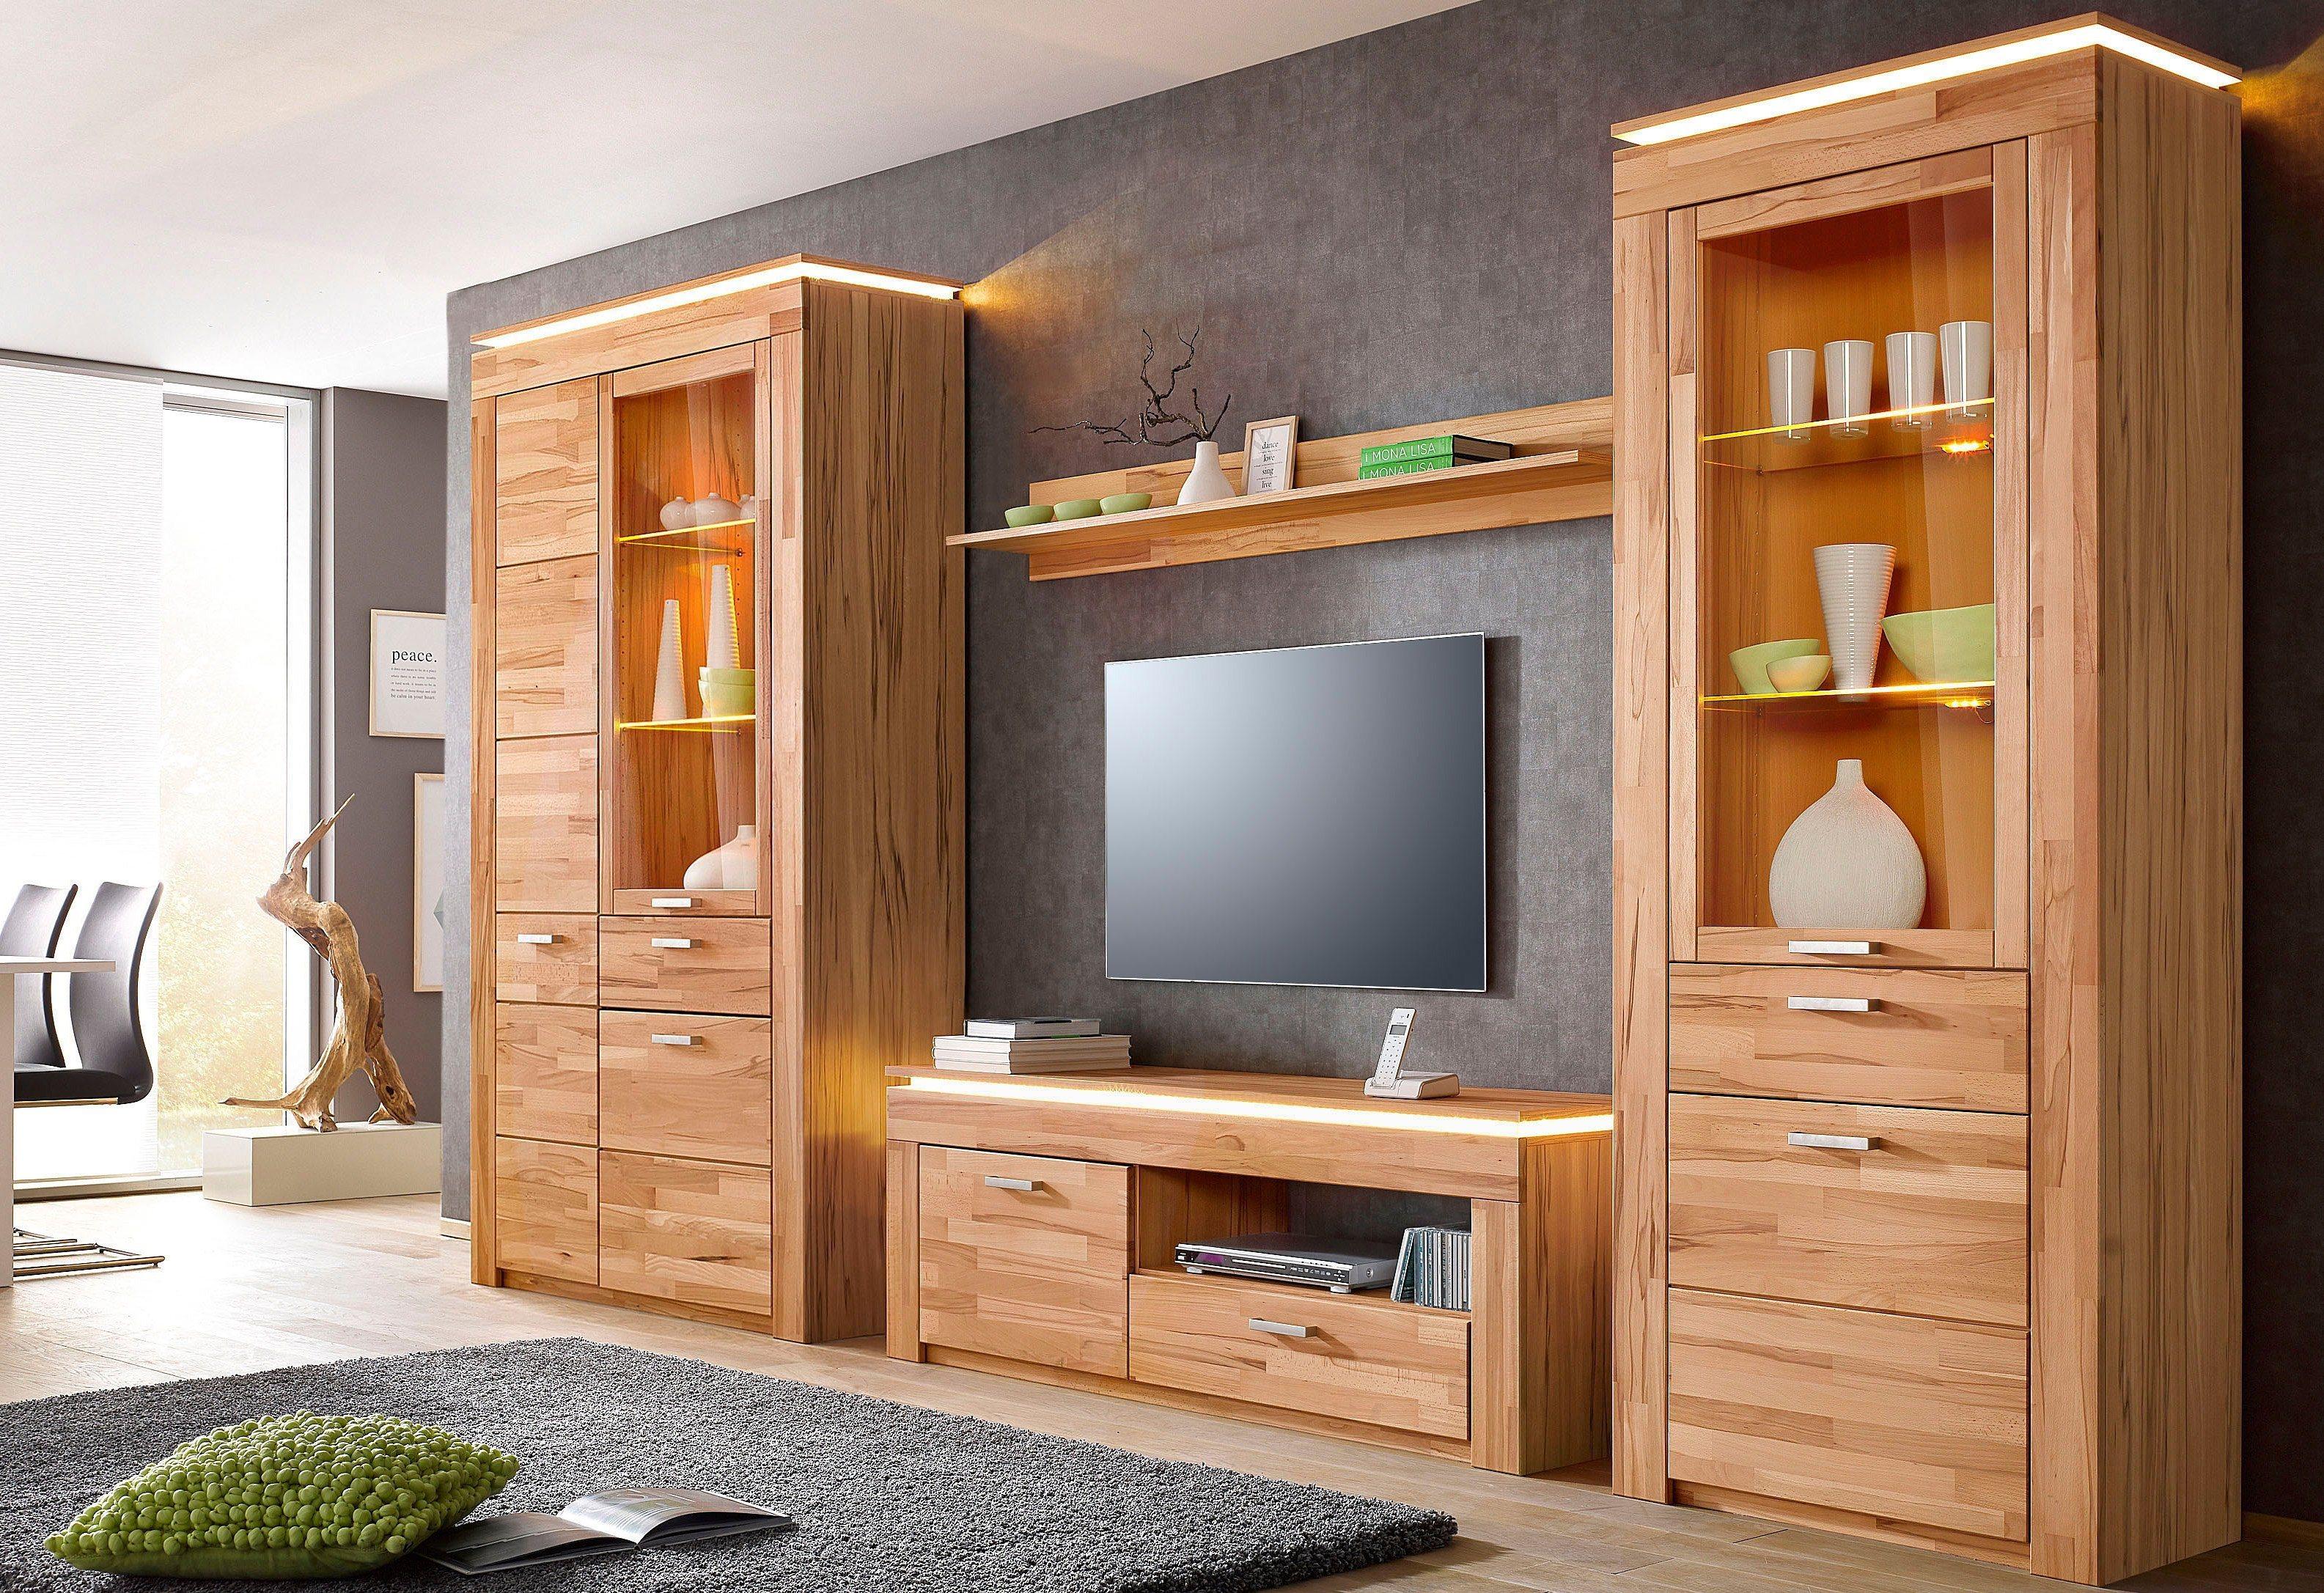 buche melamin wohnw nde online kaufen m bel suchmaschine. Black Bedroom Furniture Sets. Home Design Ideas